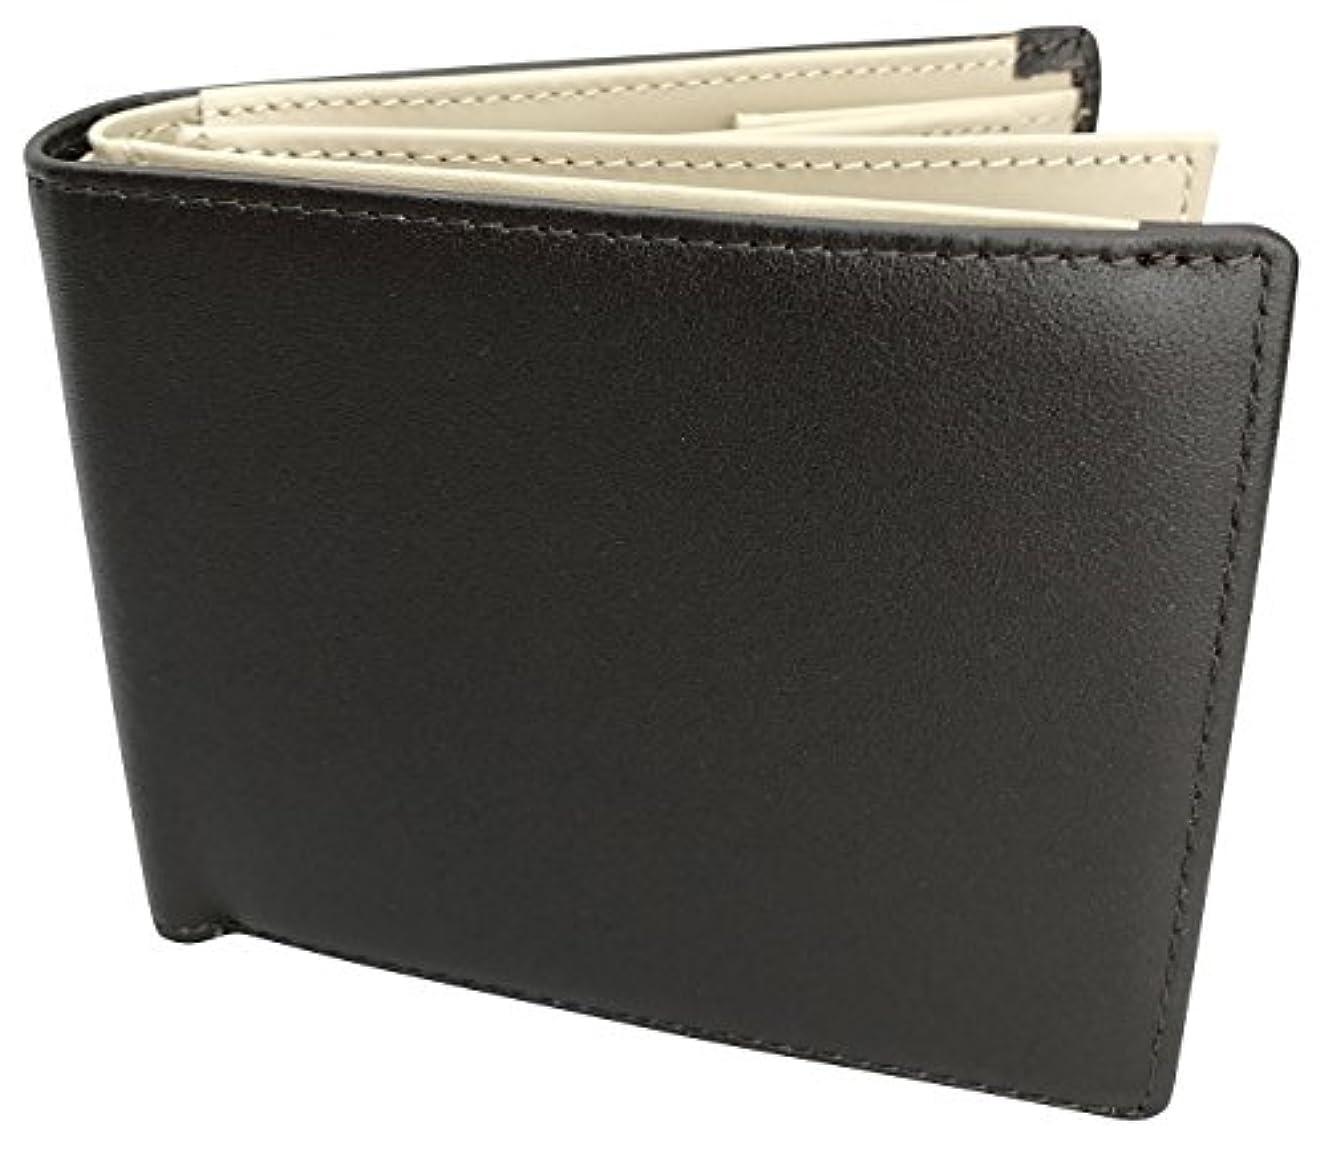 火薬ソロ精神医学[フロックス] 財布 二つ折り 二つ折り財布 本革 革 クリアホルダー付 ボックス型小銭入れ カード 大容量 ブランド 人気 メンズ レディース